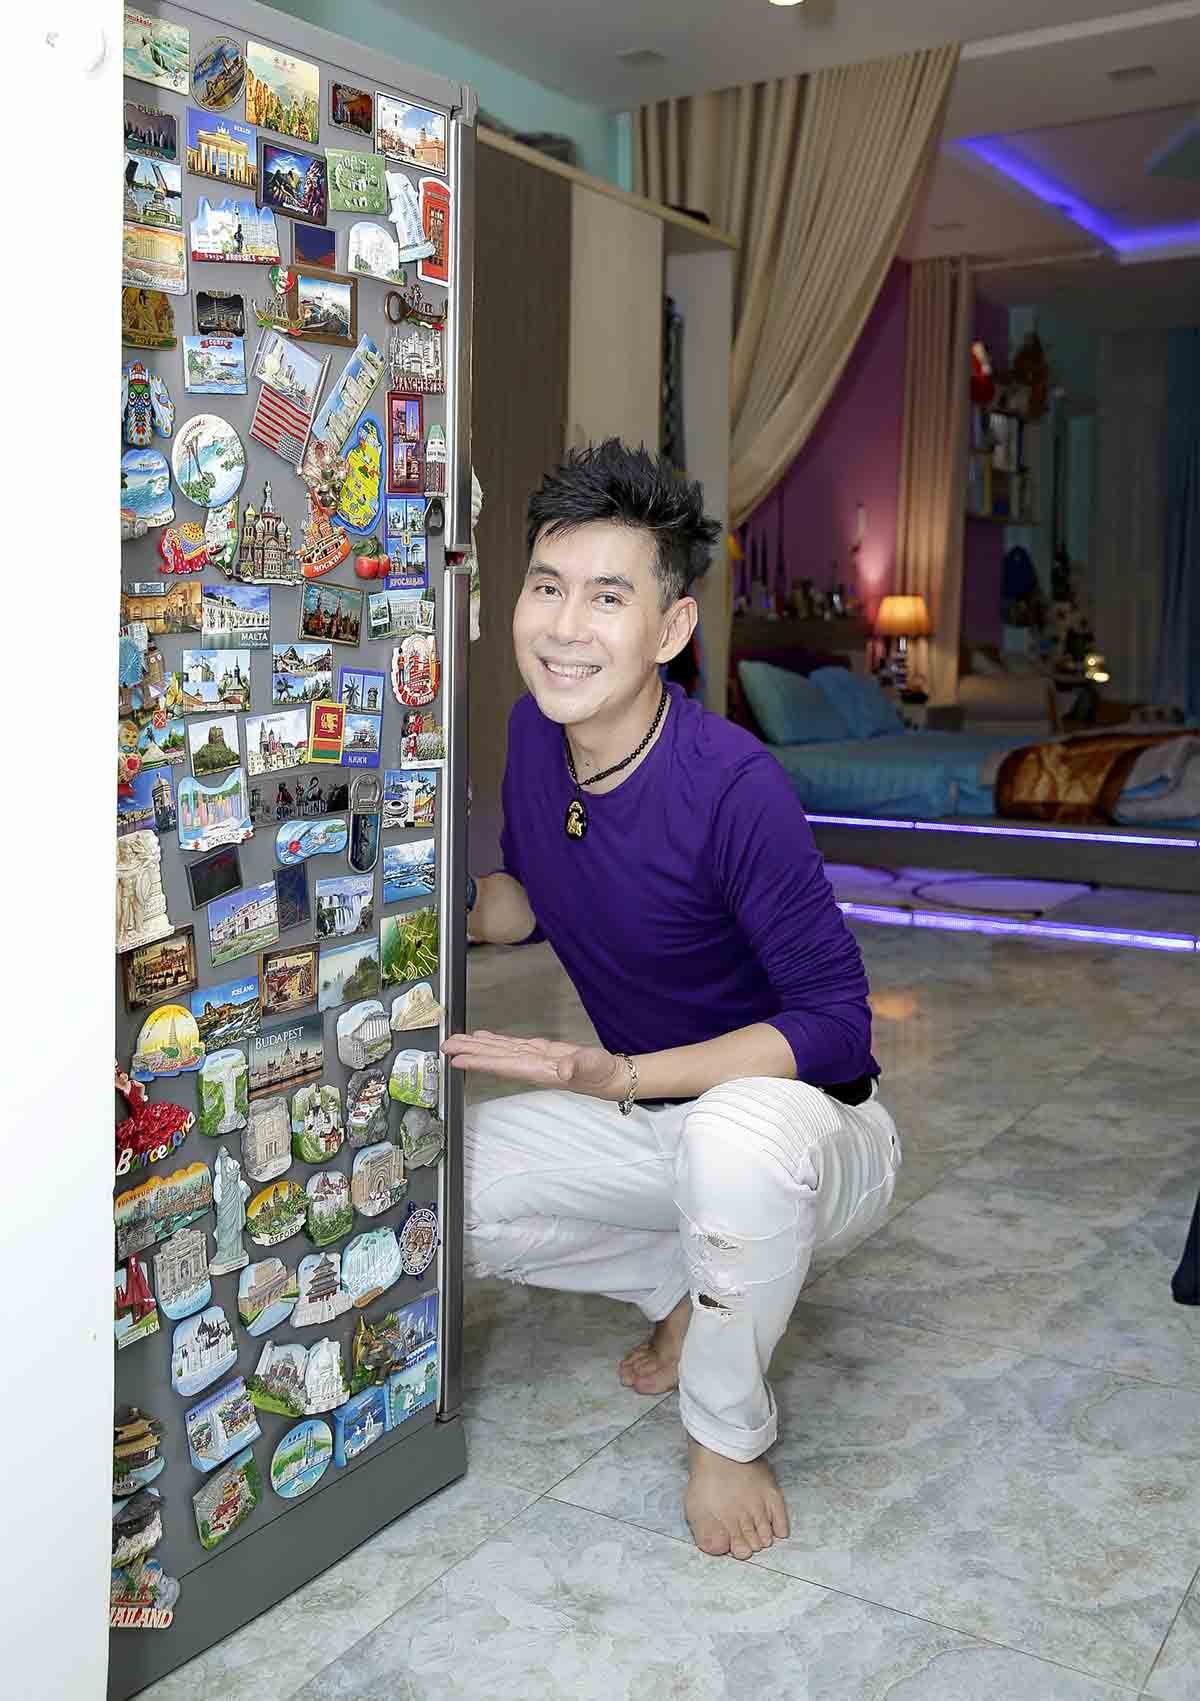 Nhà phố 70 tỷ nhìn đâu cũng thấy màu tím của nam ca sĩ từng là một trong Tứ đại thiên vương của nhạc Việt - Ảnh 10.